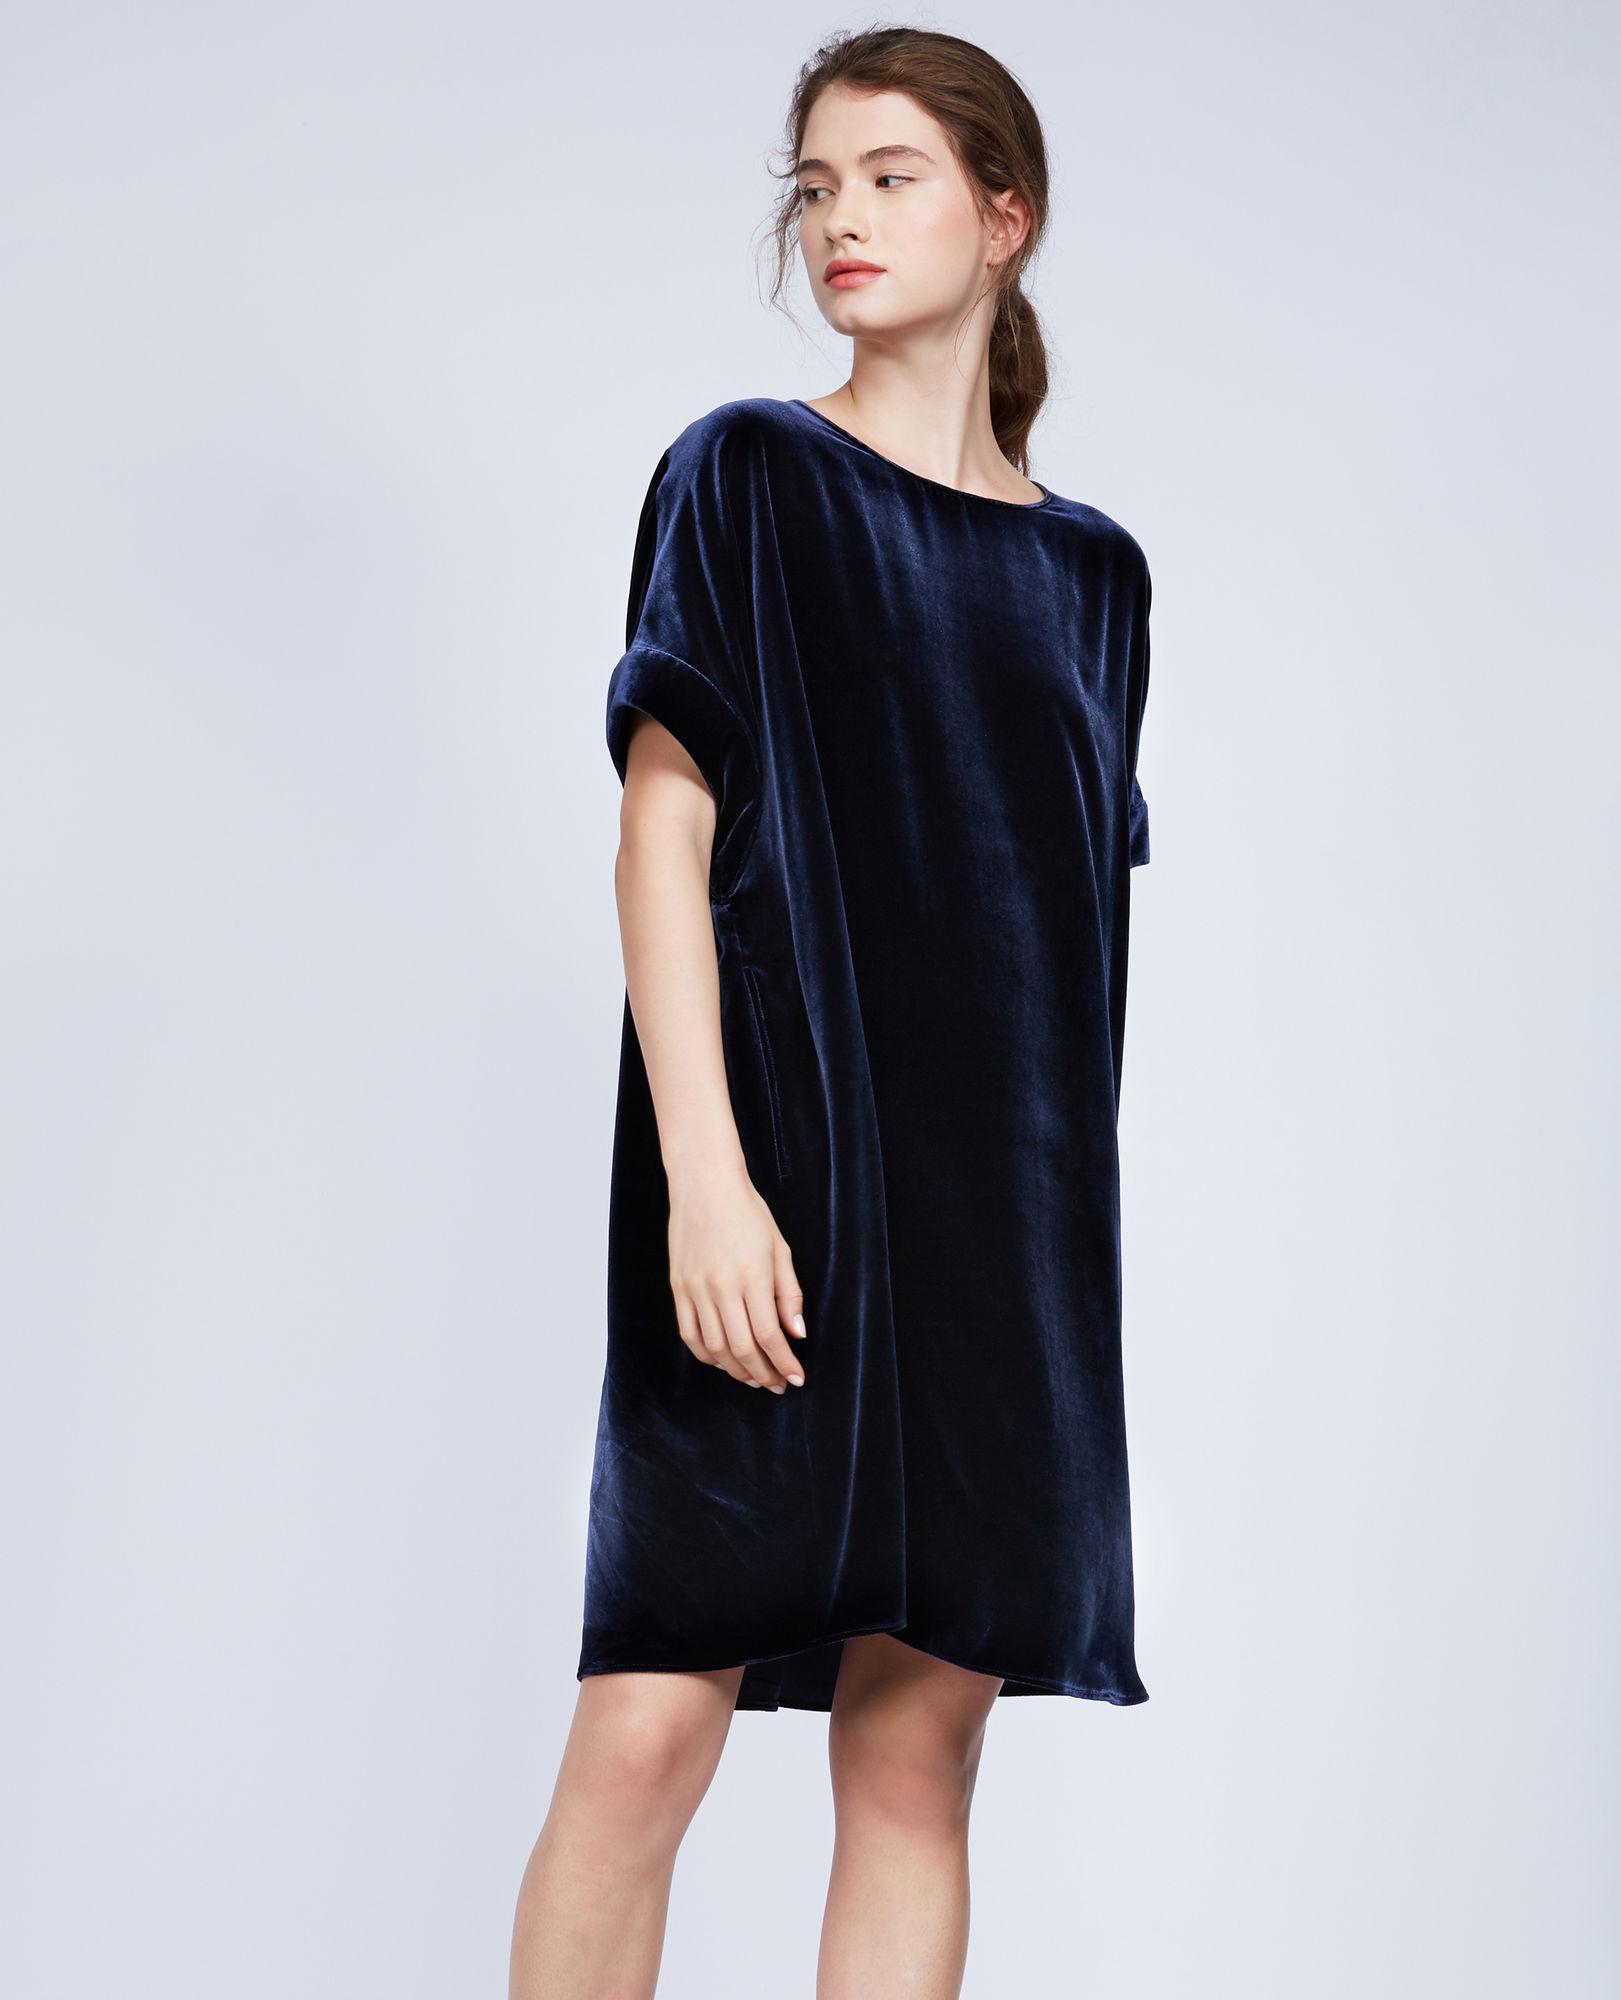 ccf967c4730 Lyst - Aspesi Silk Velvet Short Sleeve Dress in Blue